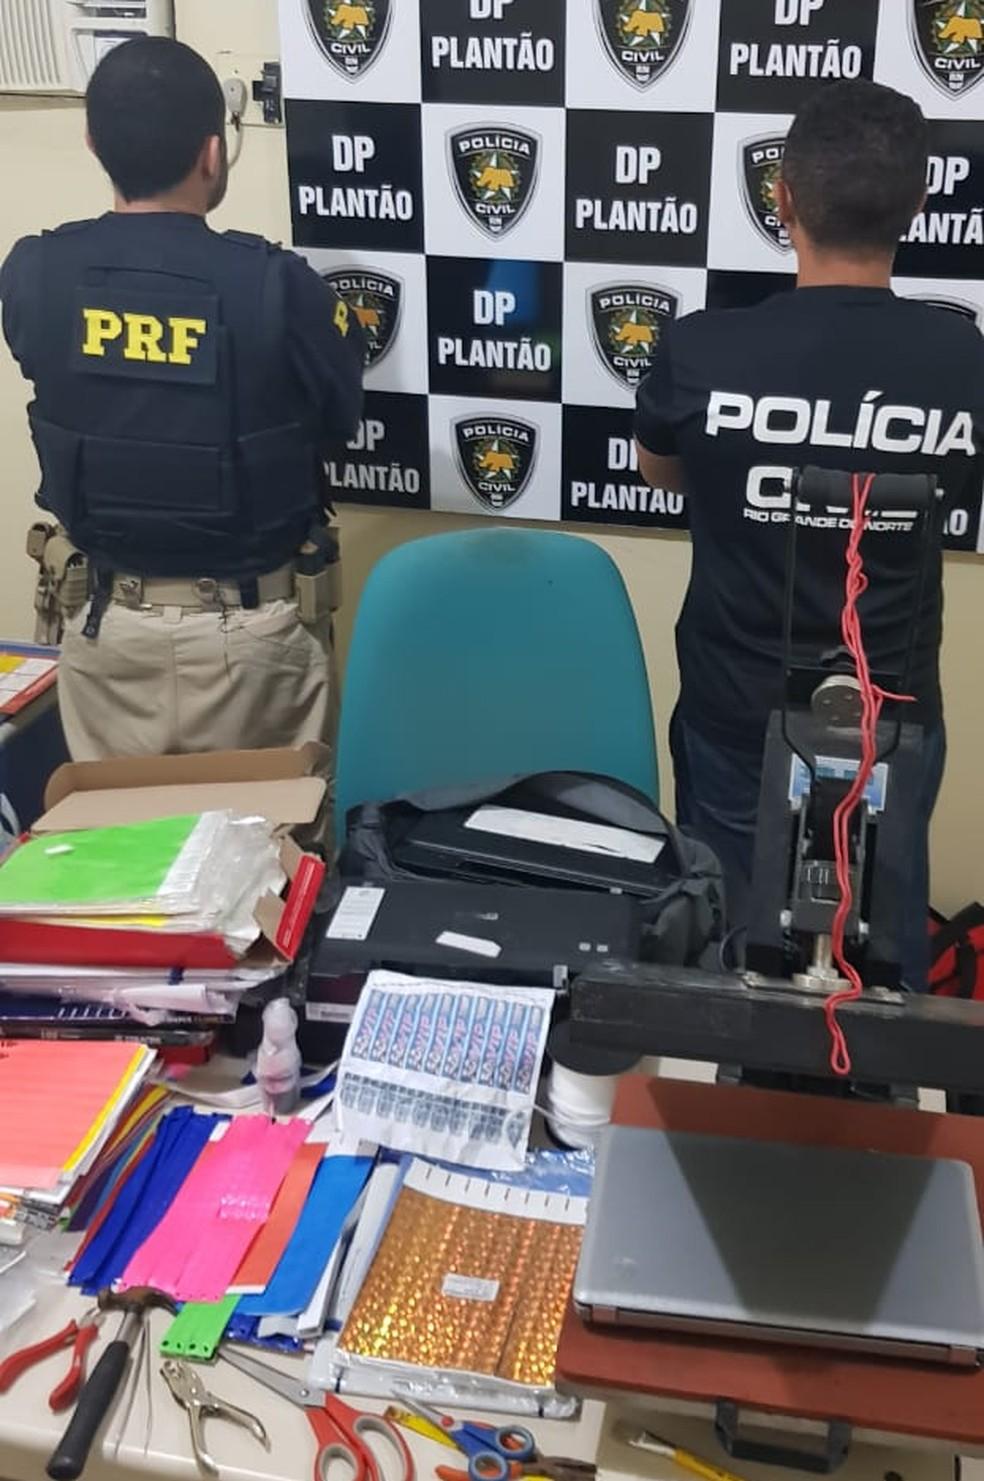 Ação conjunta da PRF e da Polícia Civil apreendeu impressoras e ingressos falsificados com a quadrilha em Mossoró — Foto: Divulgação